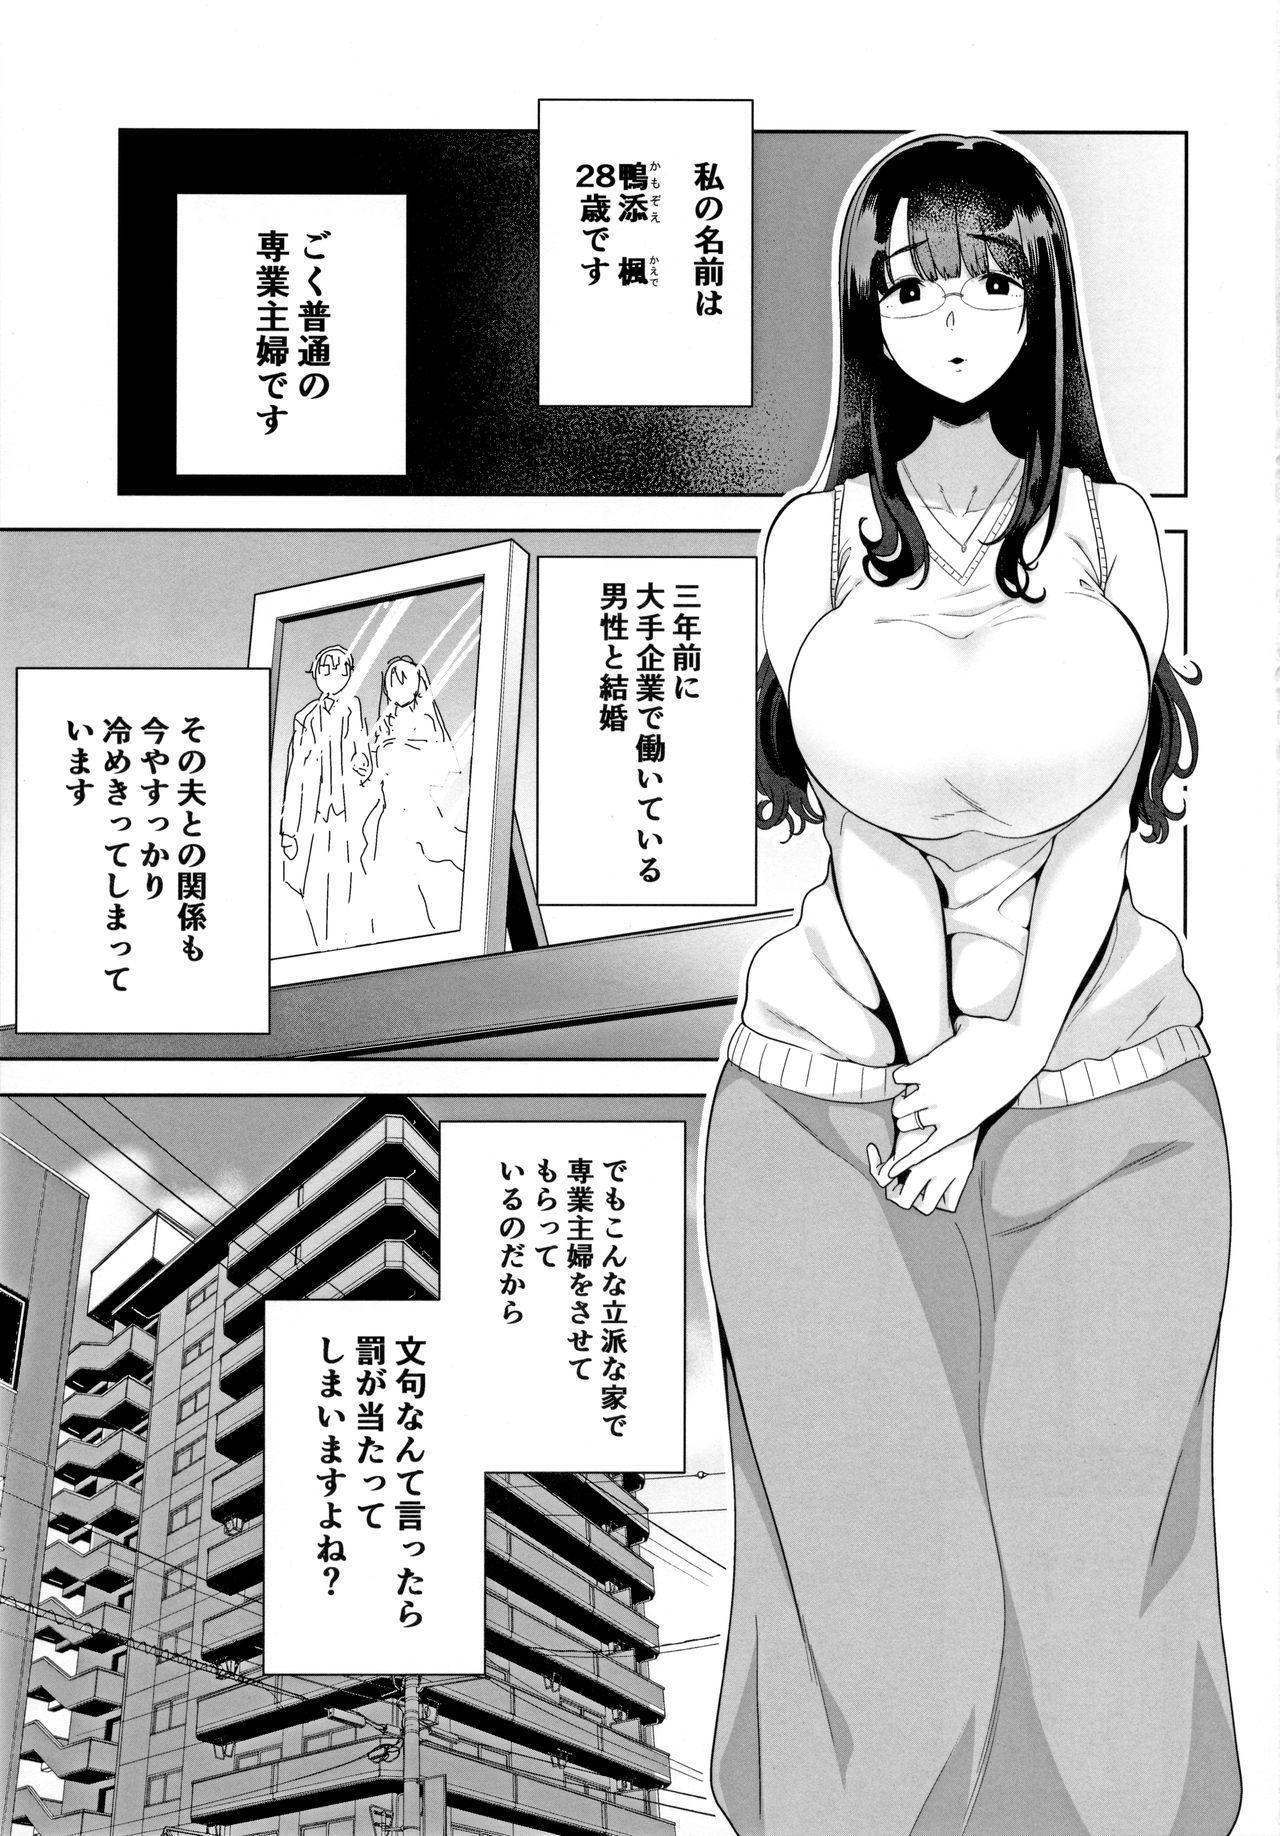 Wild-shiki Nihonjin Tsuma no Netorikata Sono Ichi 1